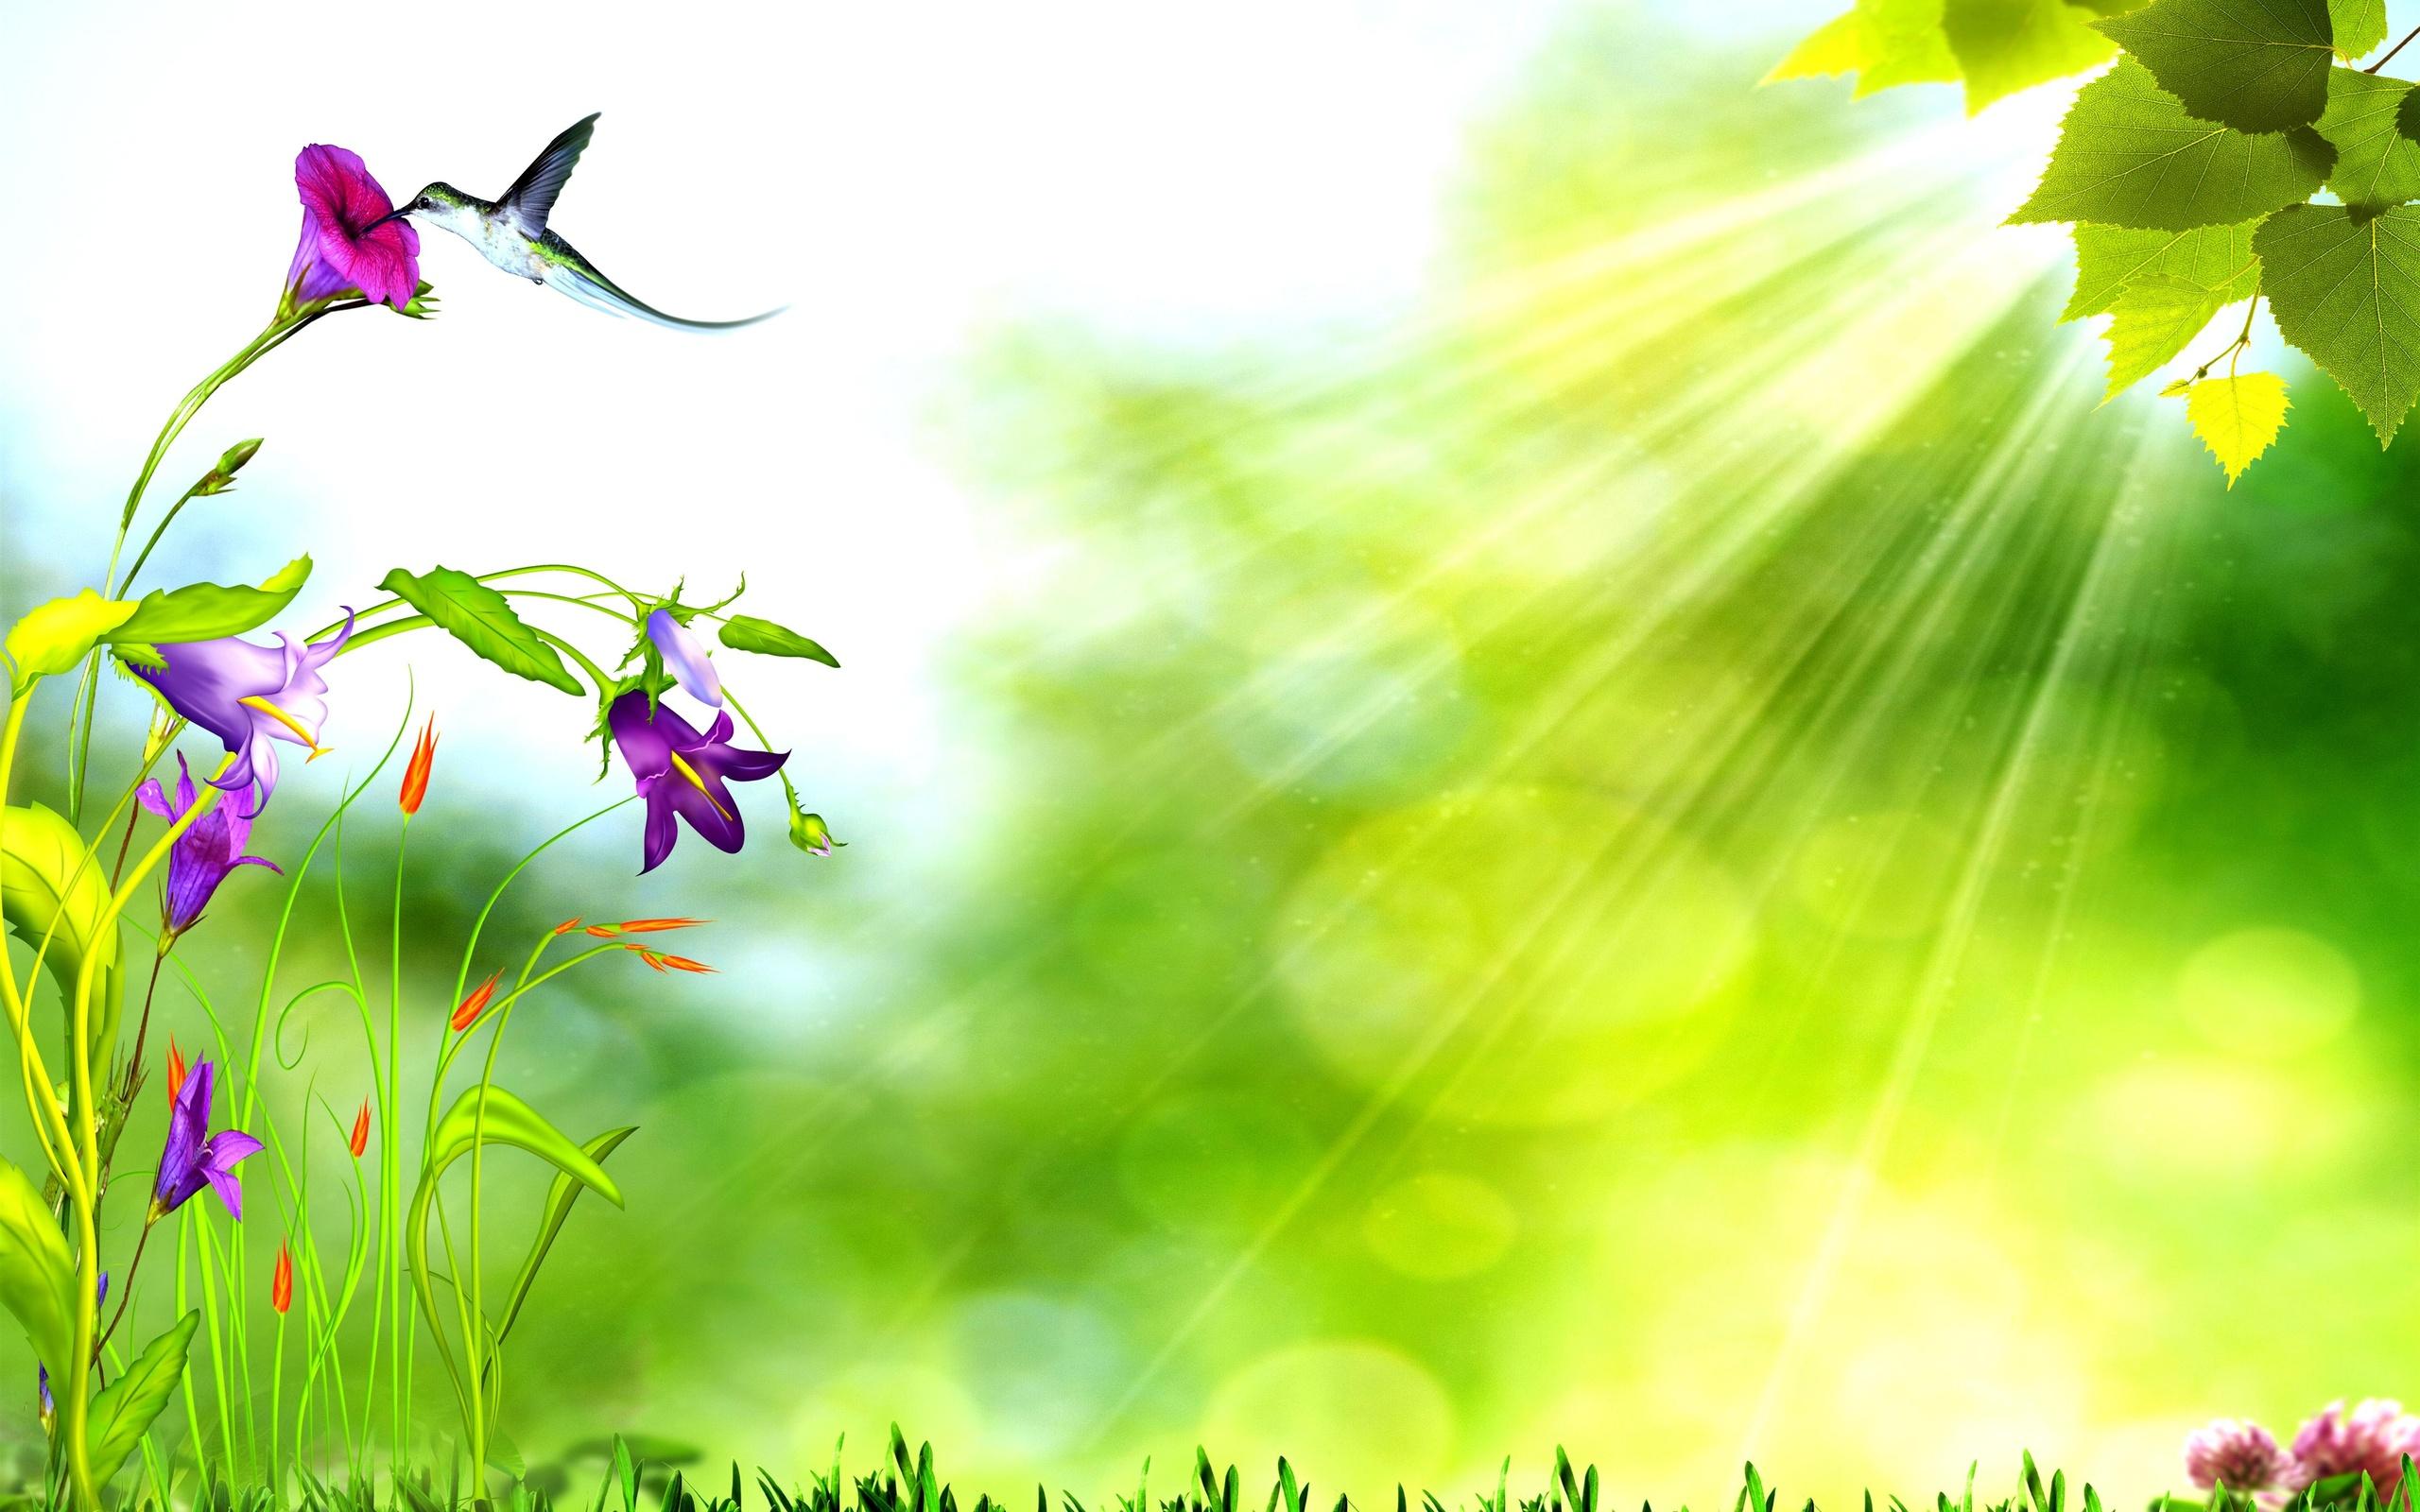 3d Background Images For Websites HD